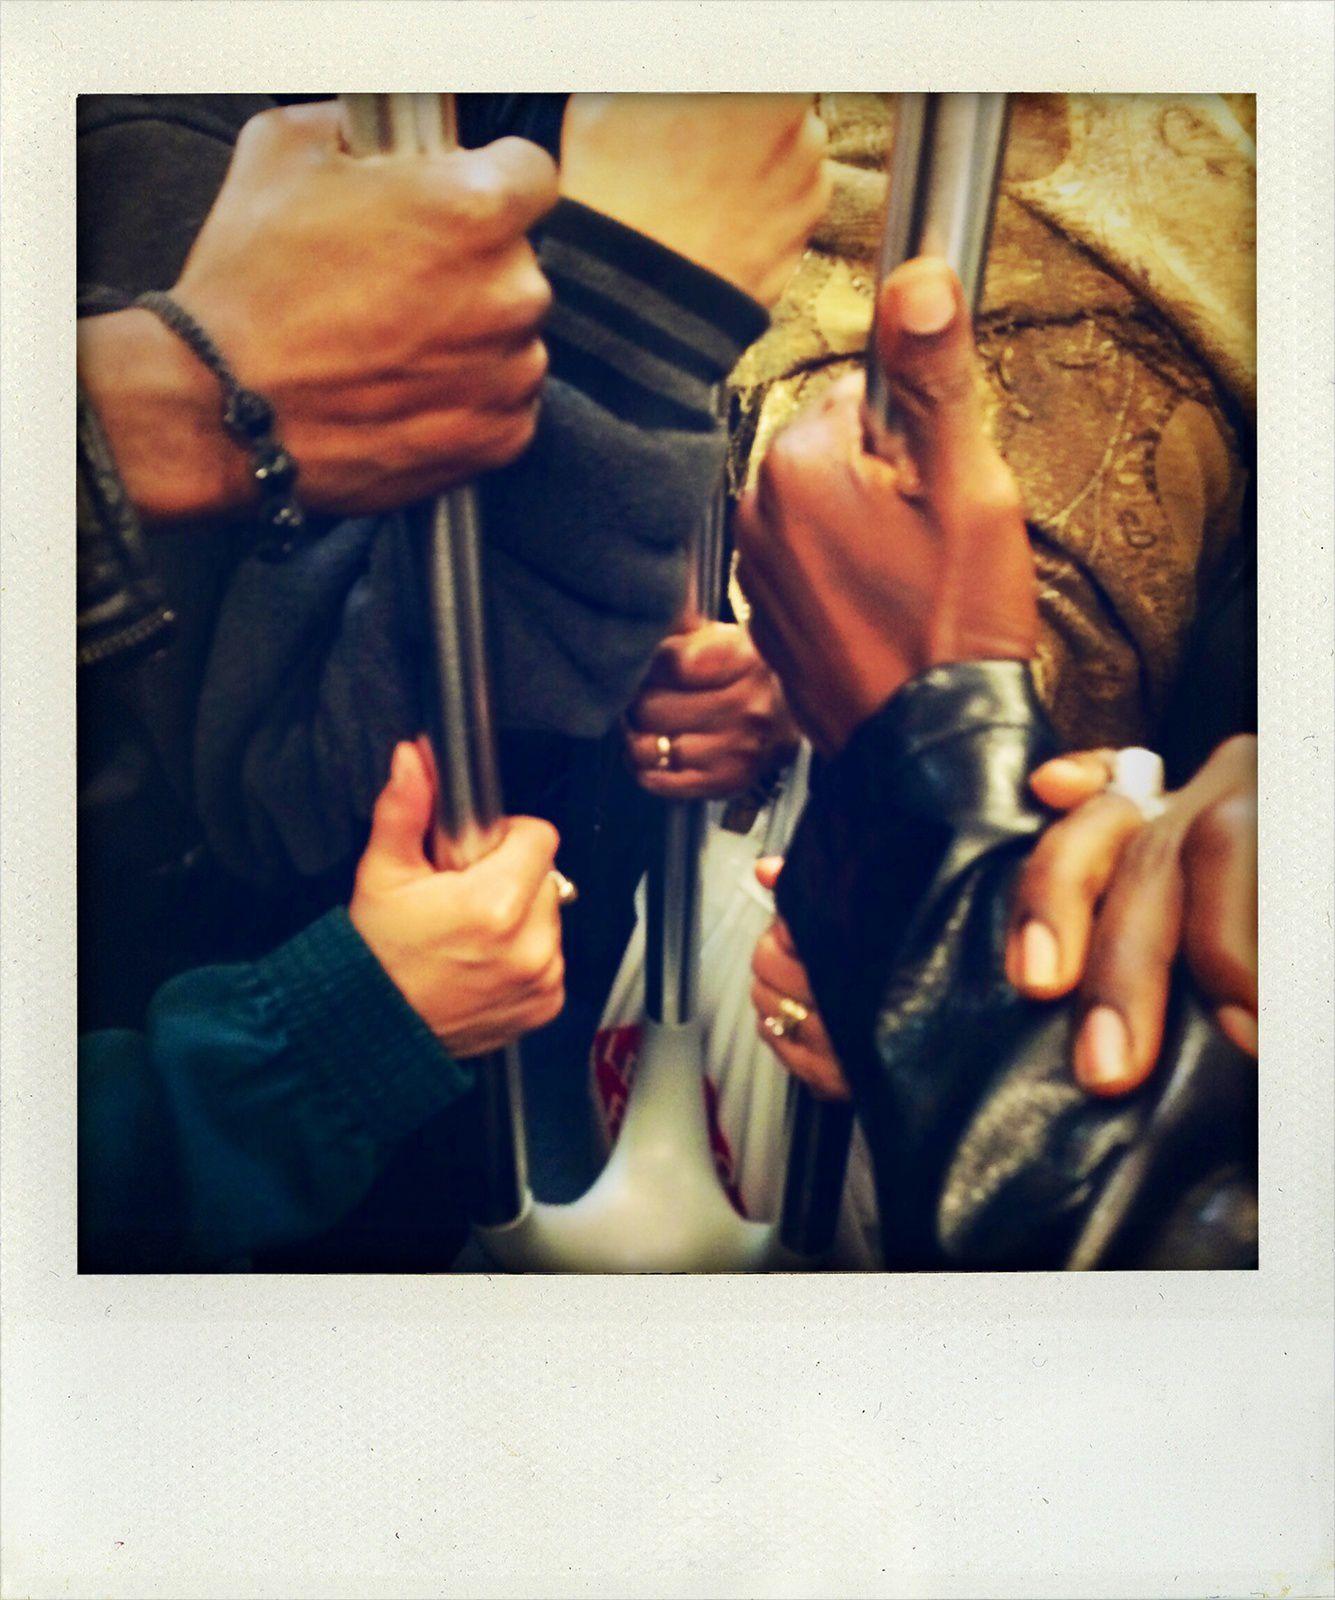 Que de mains dans le métro aujourd'hui !